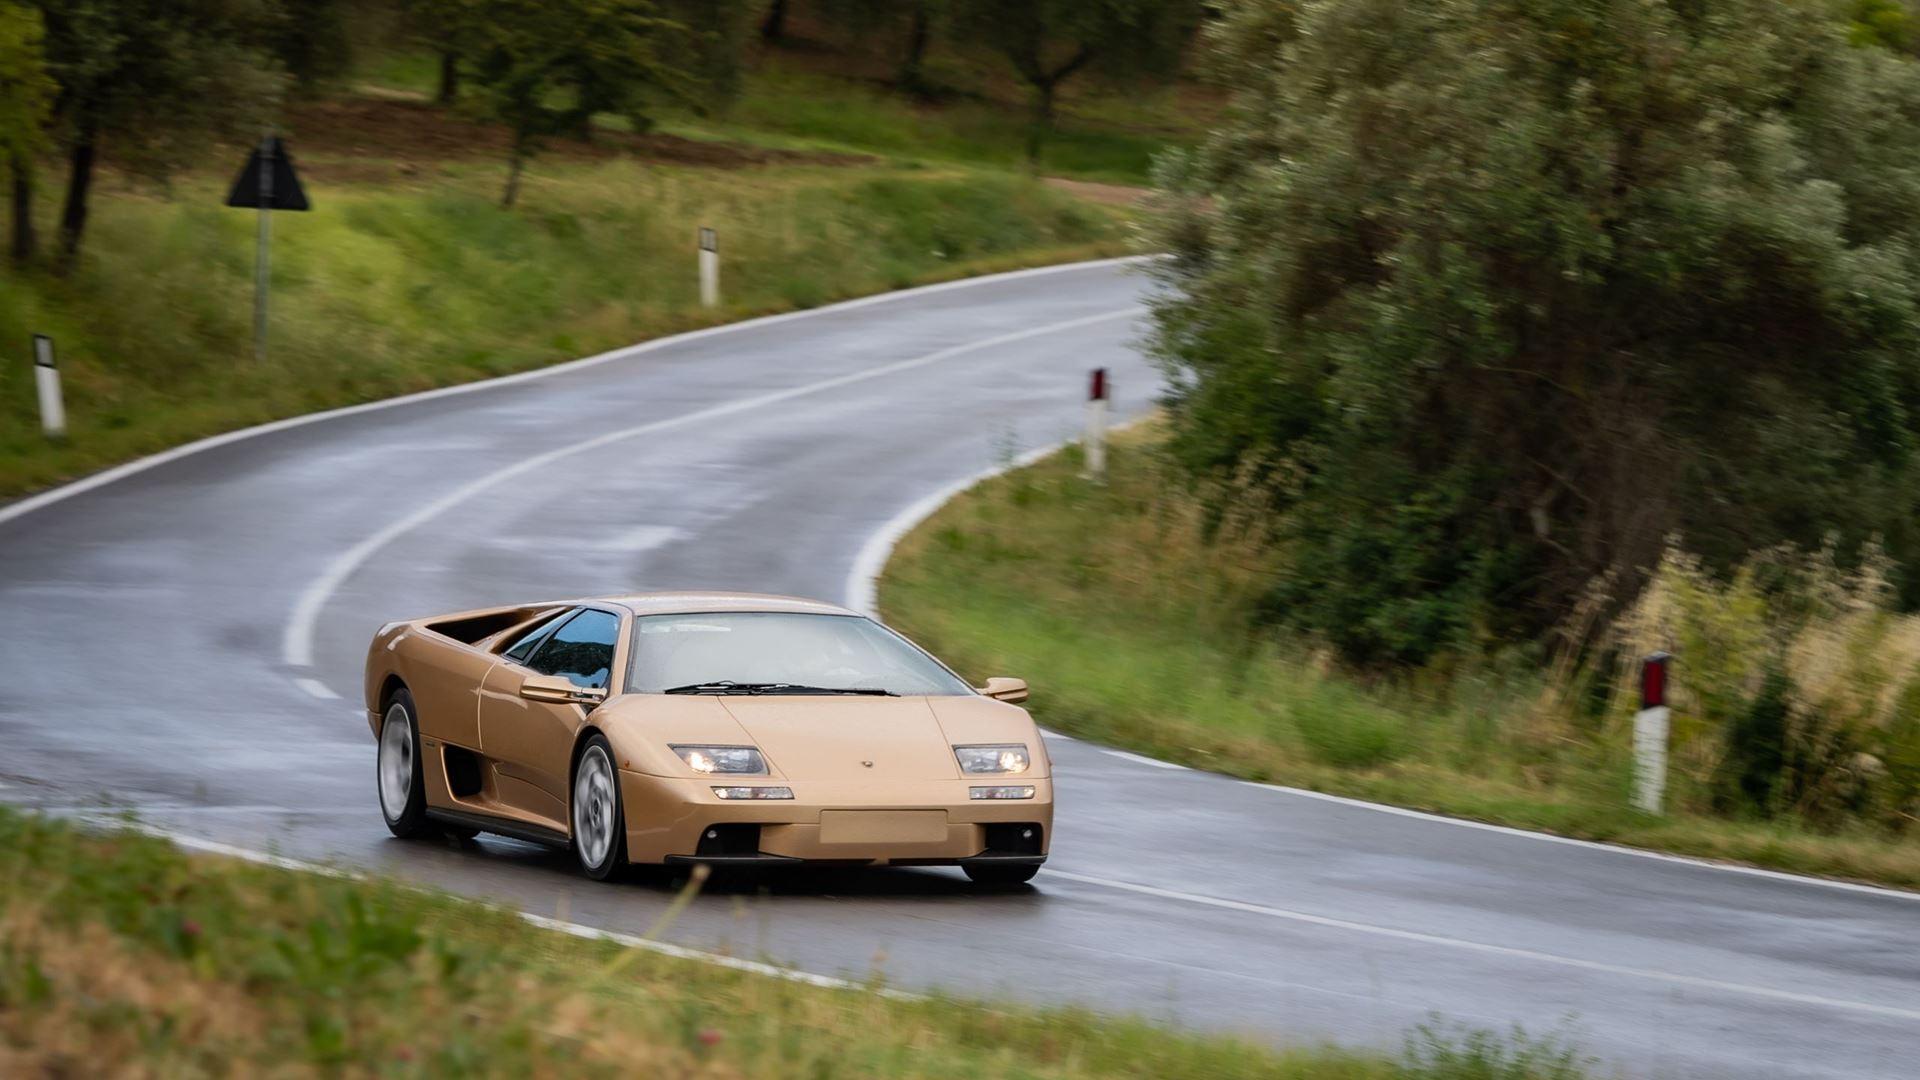 Lamborghini celebrates the 30th Anniversary of the Diablo - Image 1